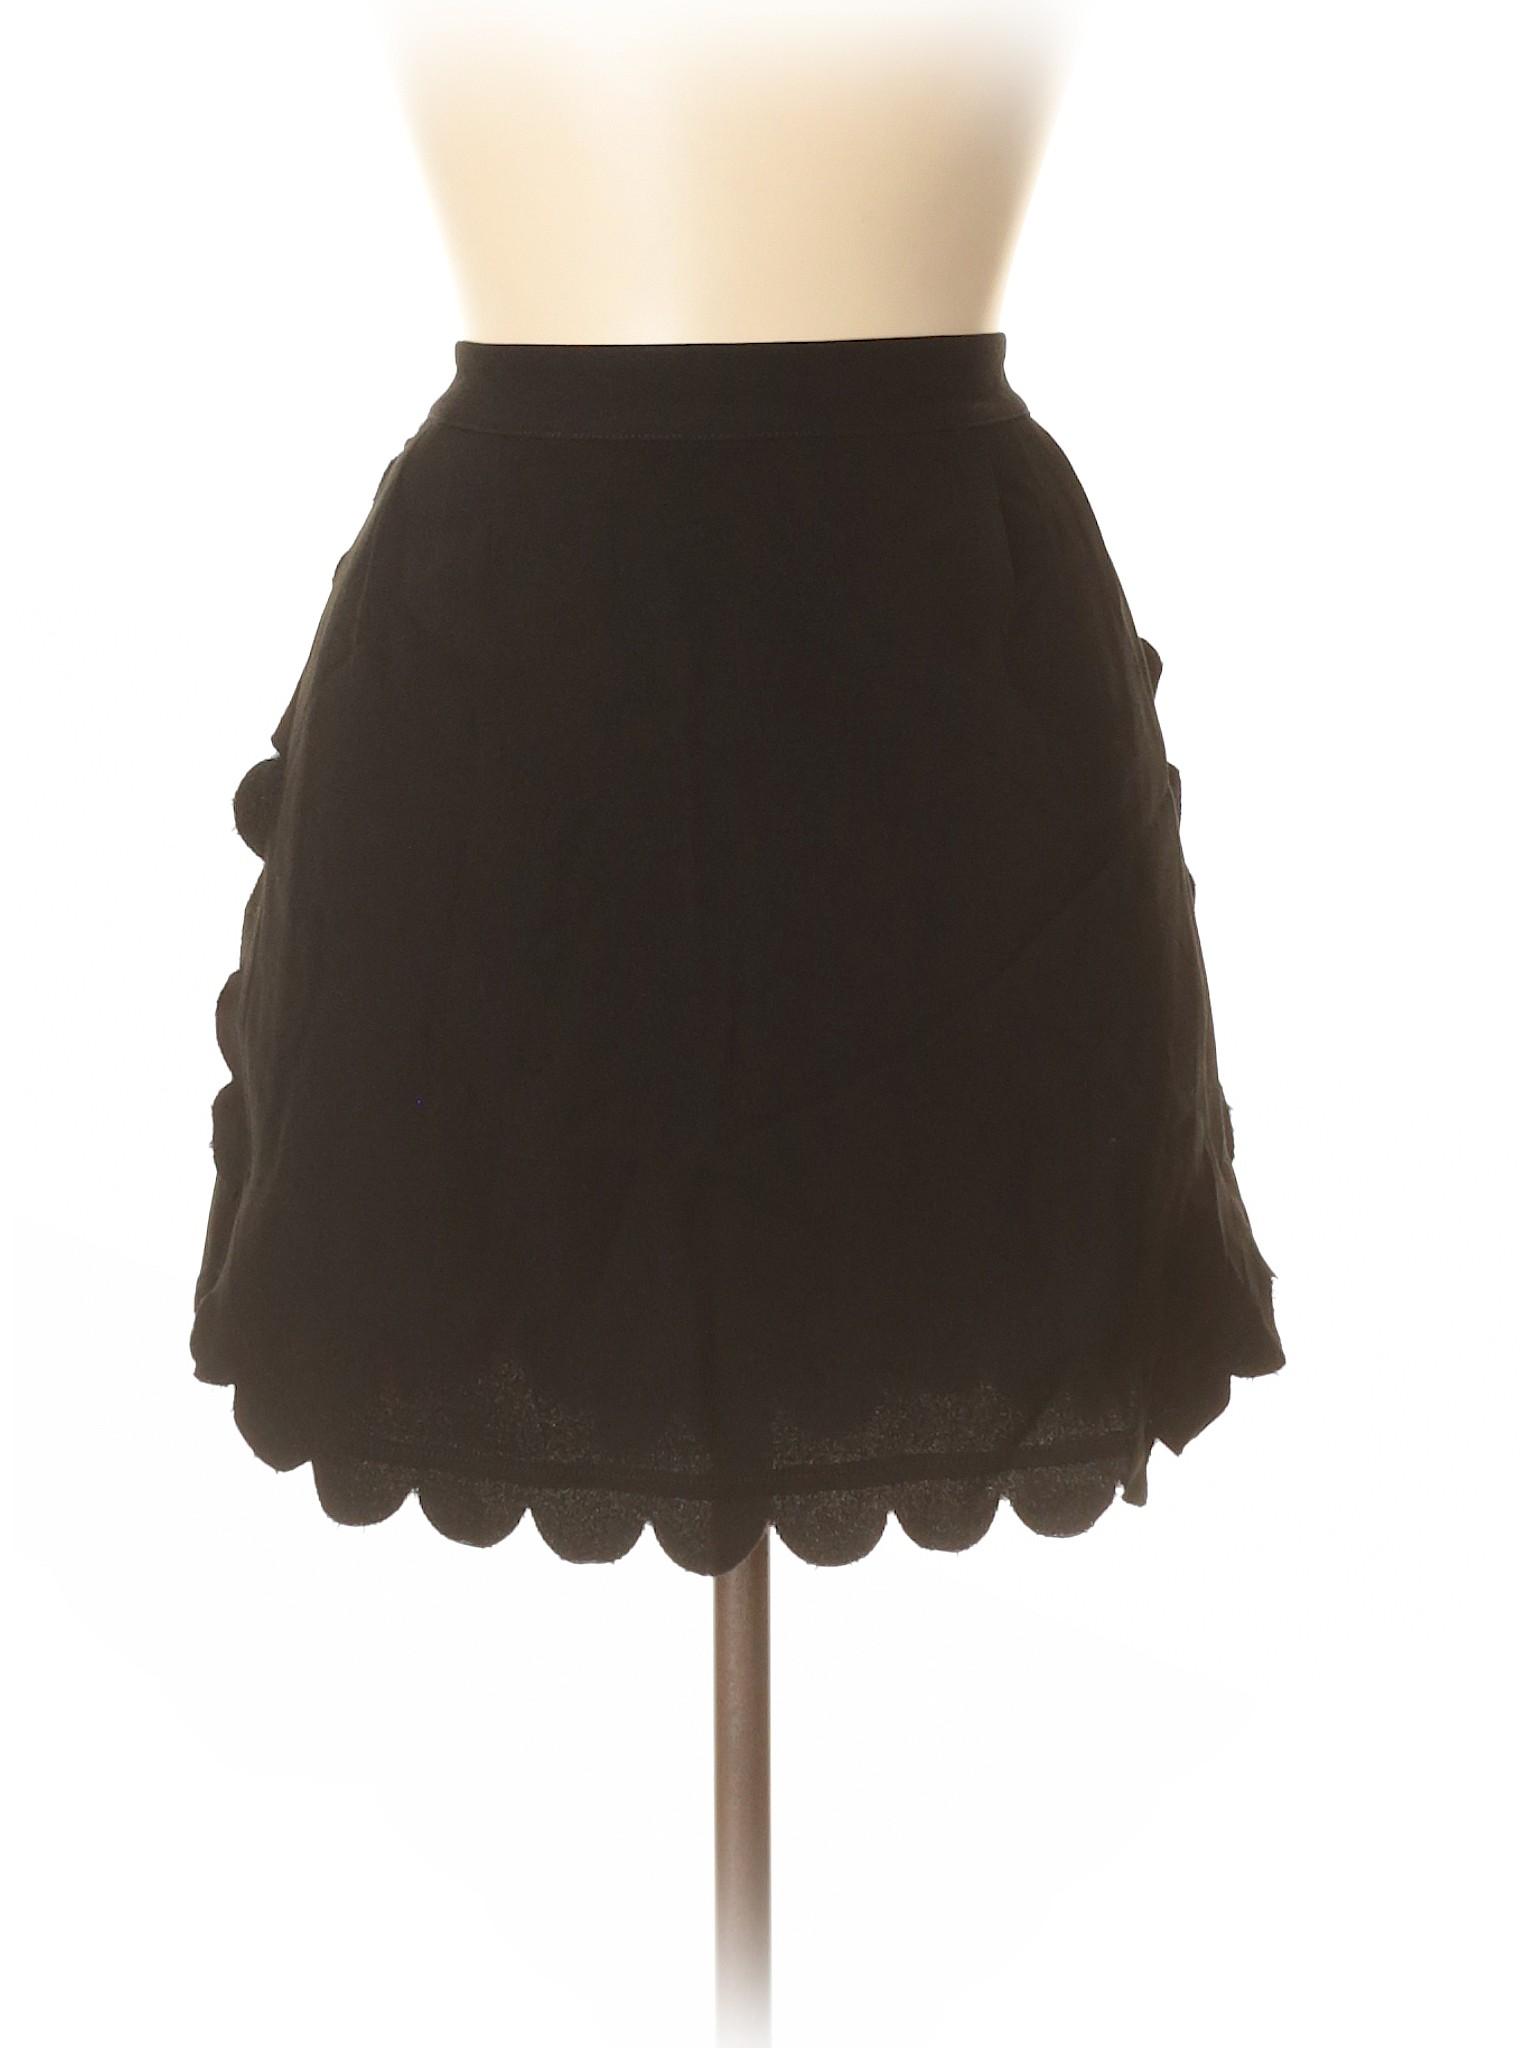 Casual Boutique Boutique Skirt Skirt Casual Boutique gdw16qOxI